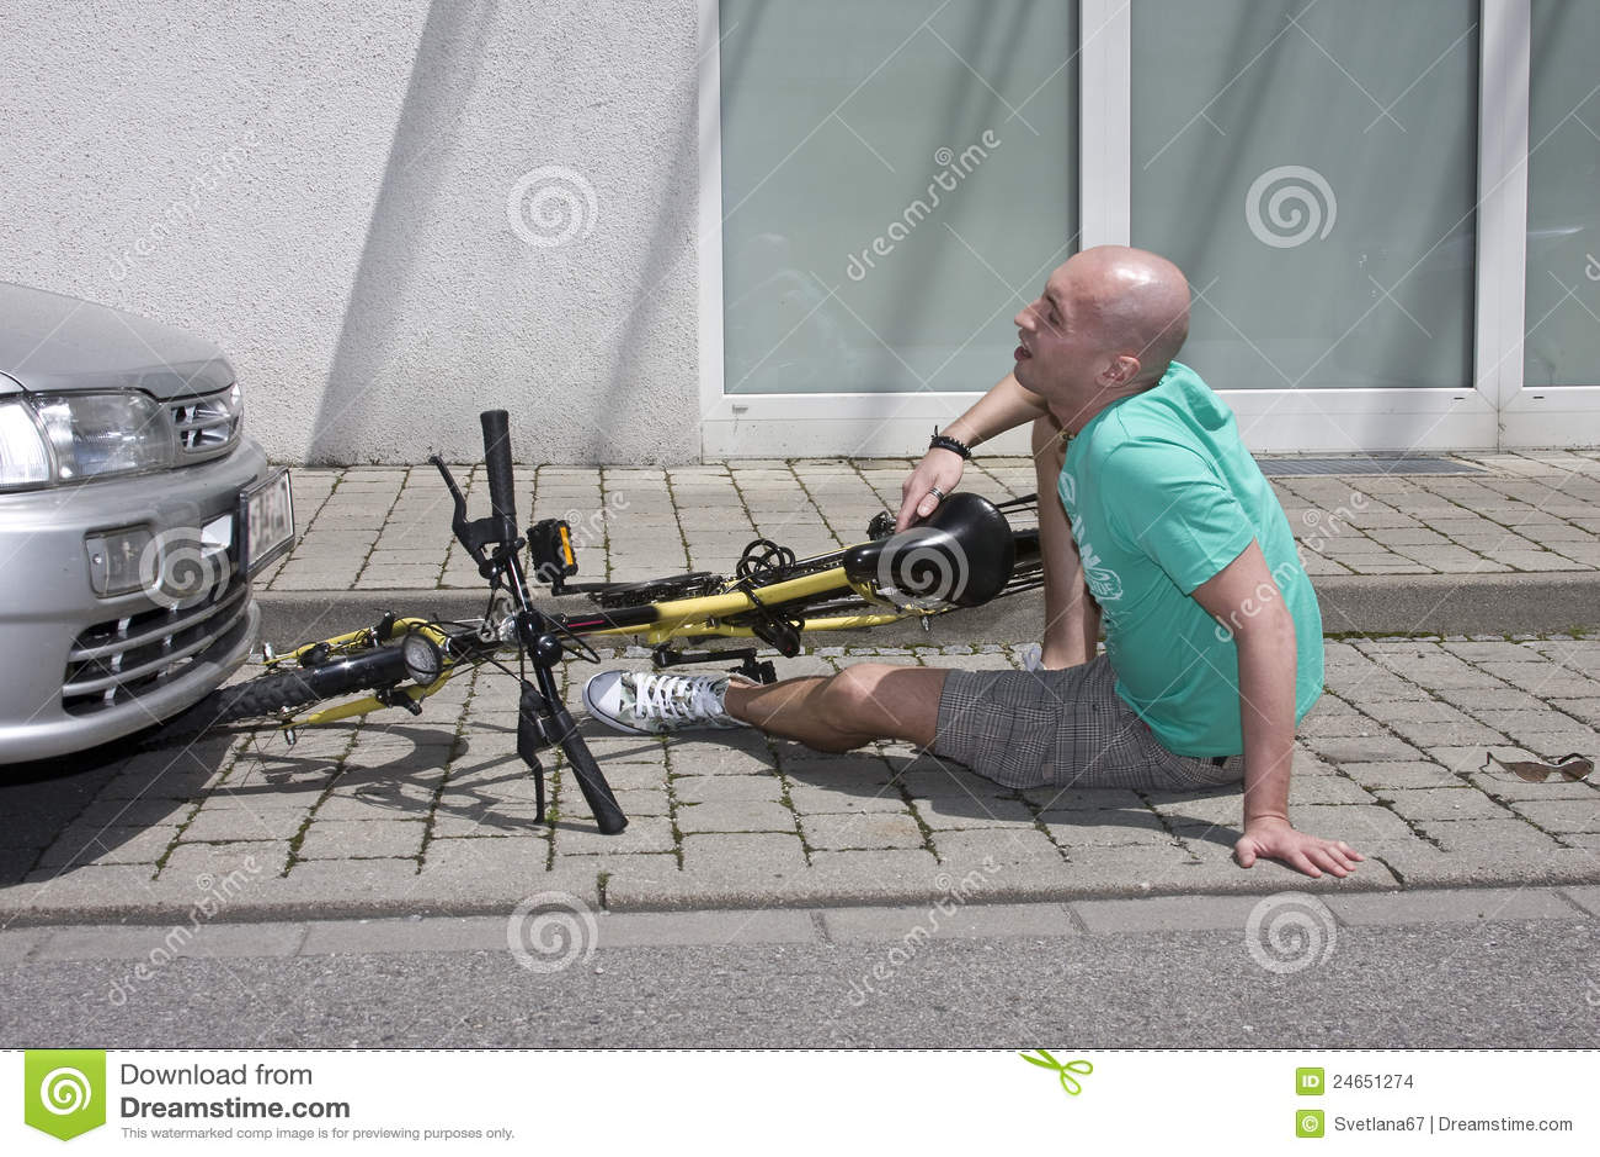 事故自行车